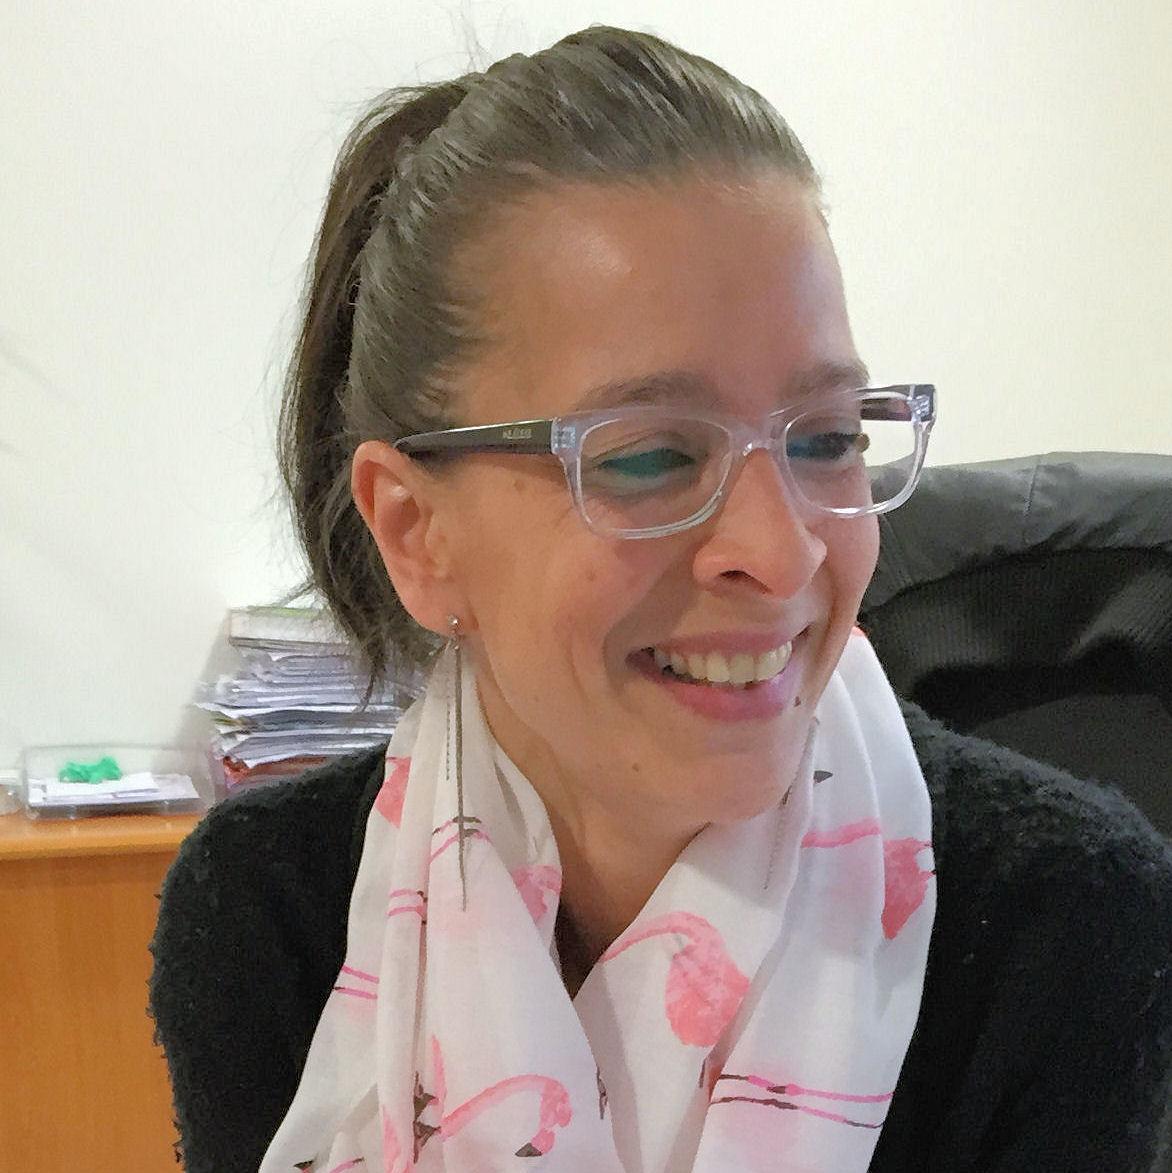 Sonya de l'équipe des audioprothésistes du centre auditif Minitone à Nîmes.